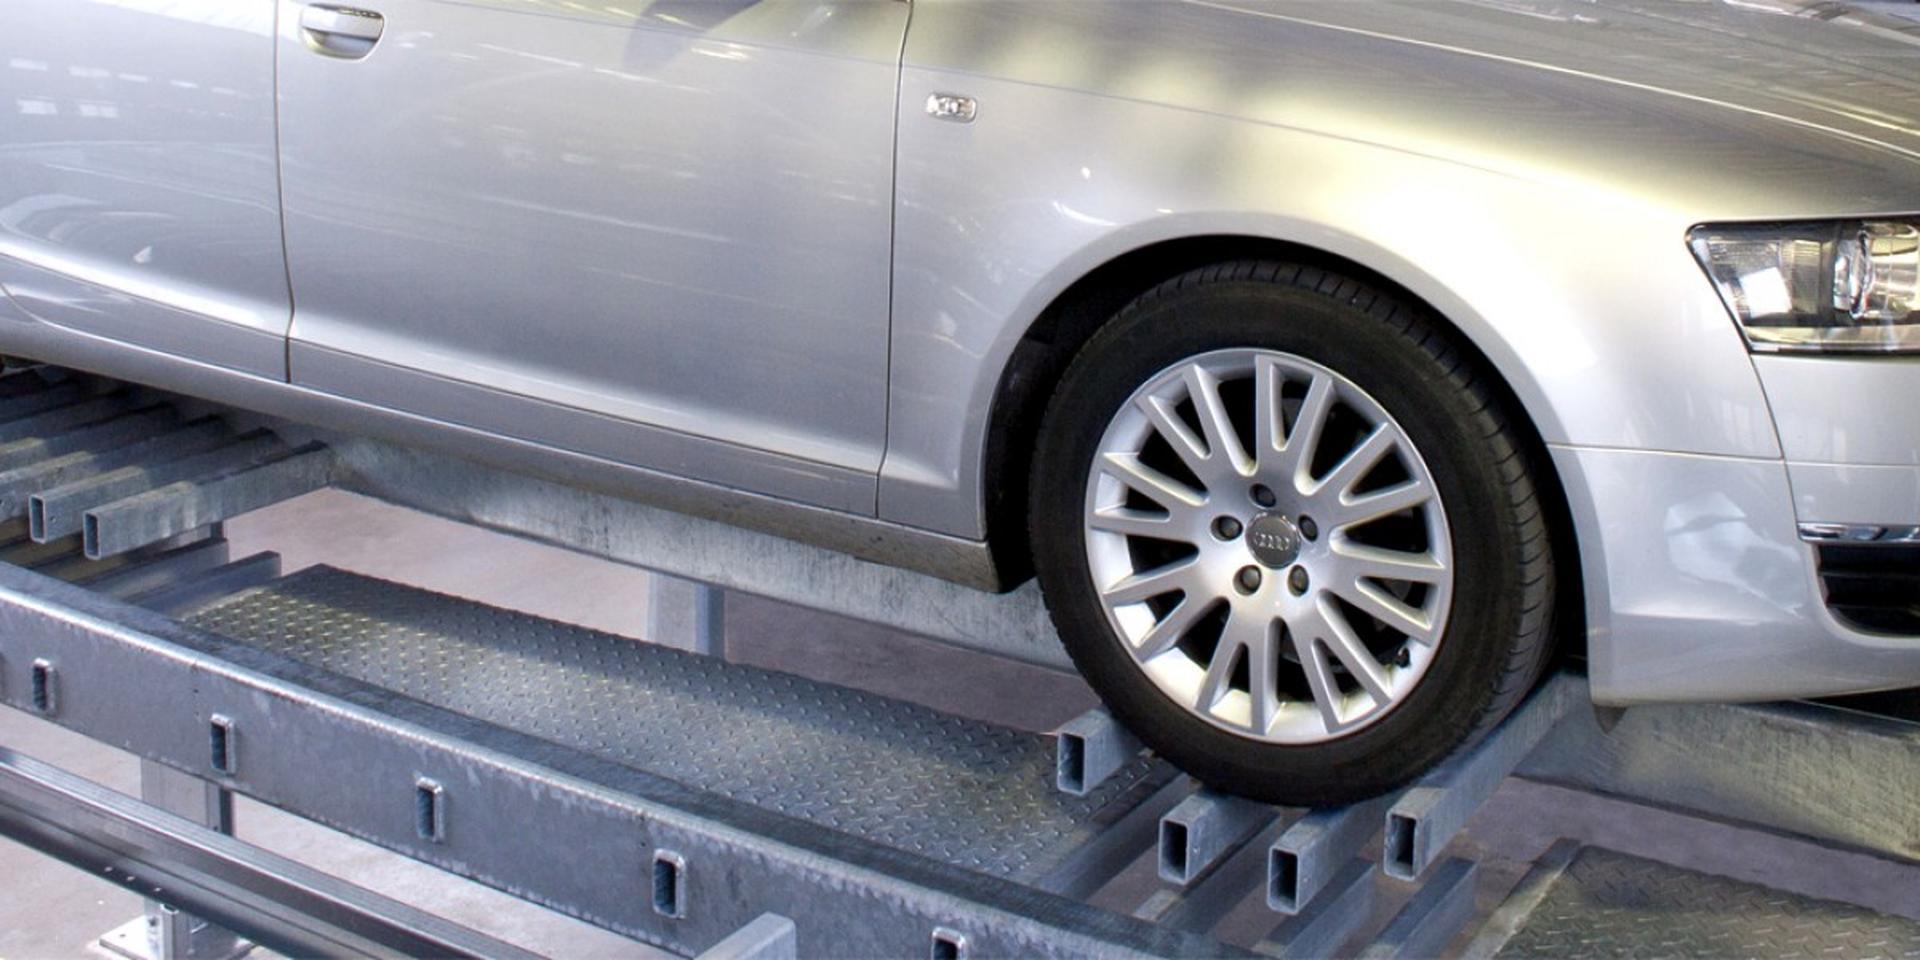 Combiparker 555 - parcheggio automatizzato